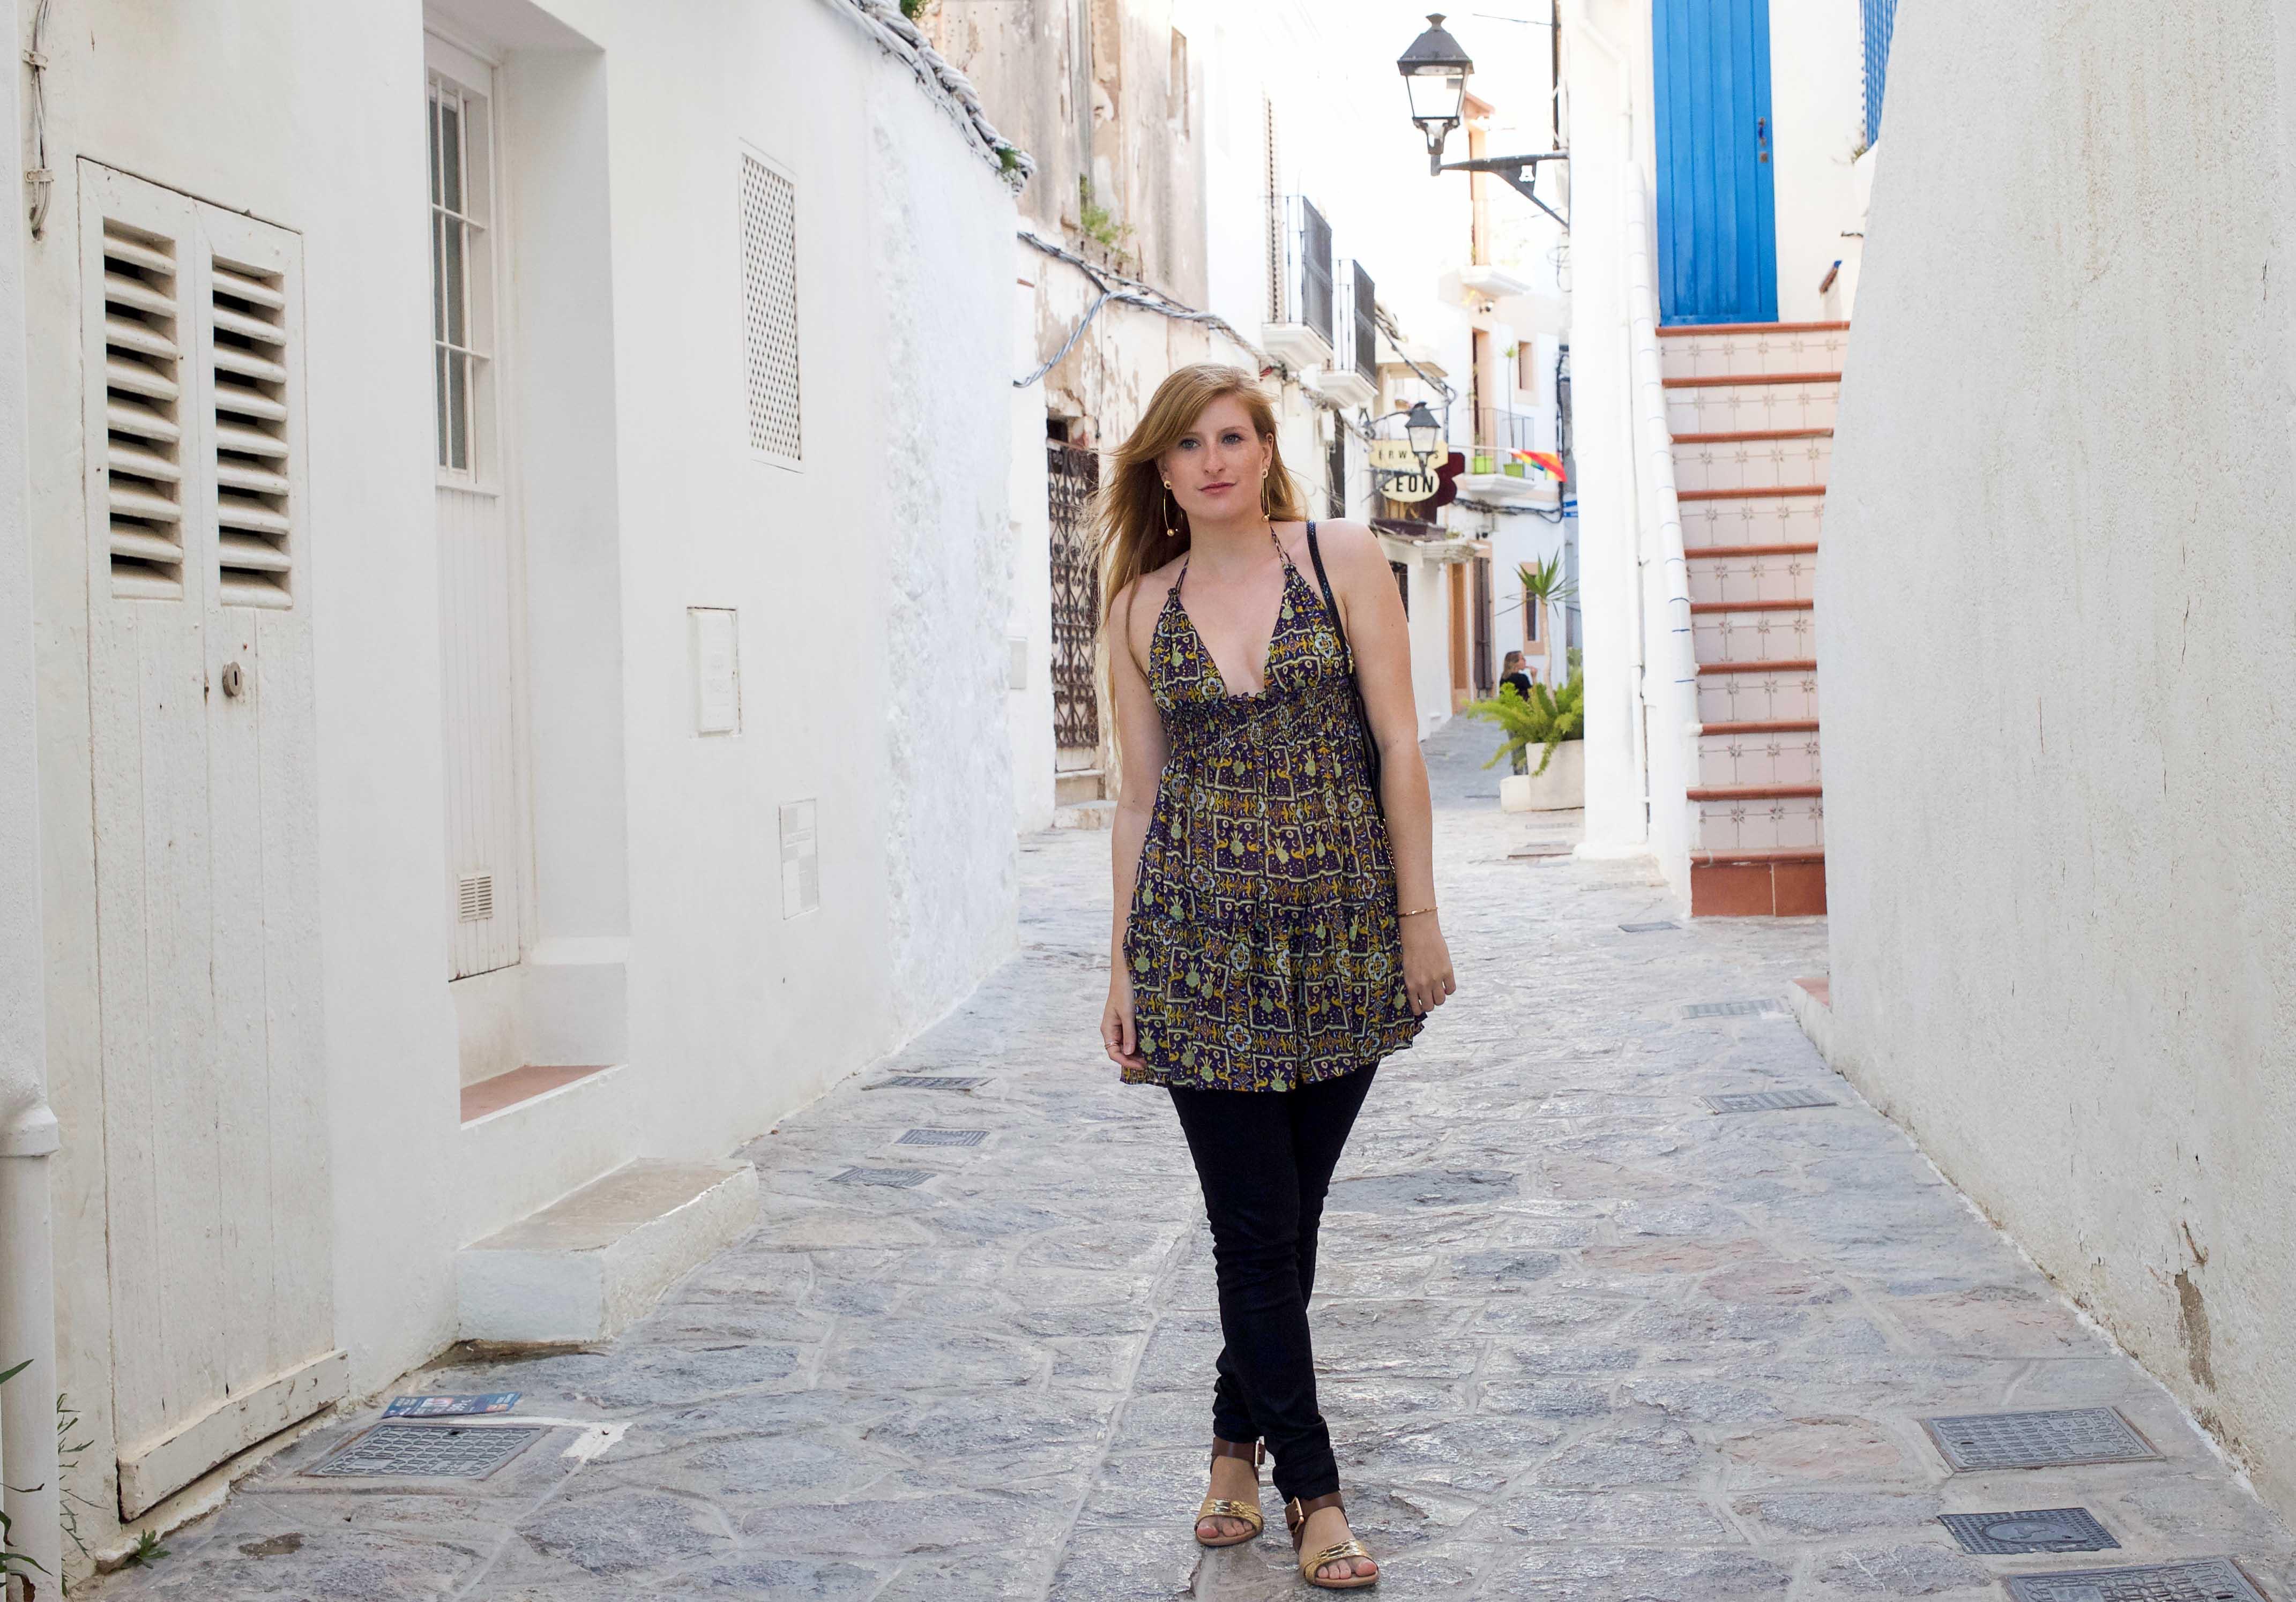 Luftiges buntes Oberteil Asos schwarze Skinny Jeans Frühlingsoutfit Ibiza Modeblogger Deutschland 91